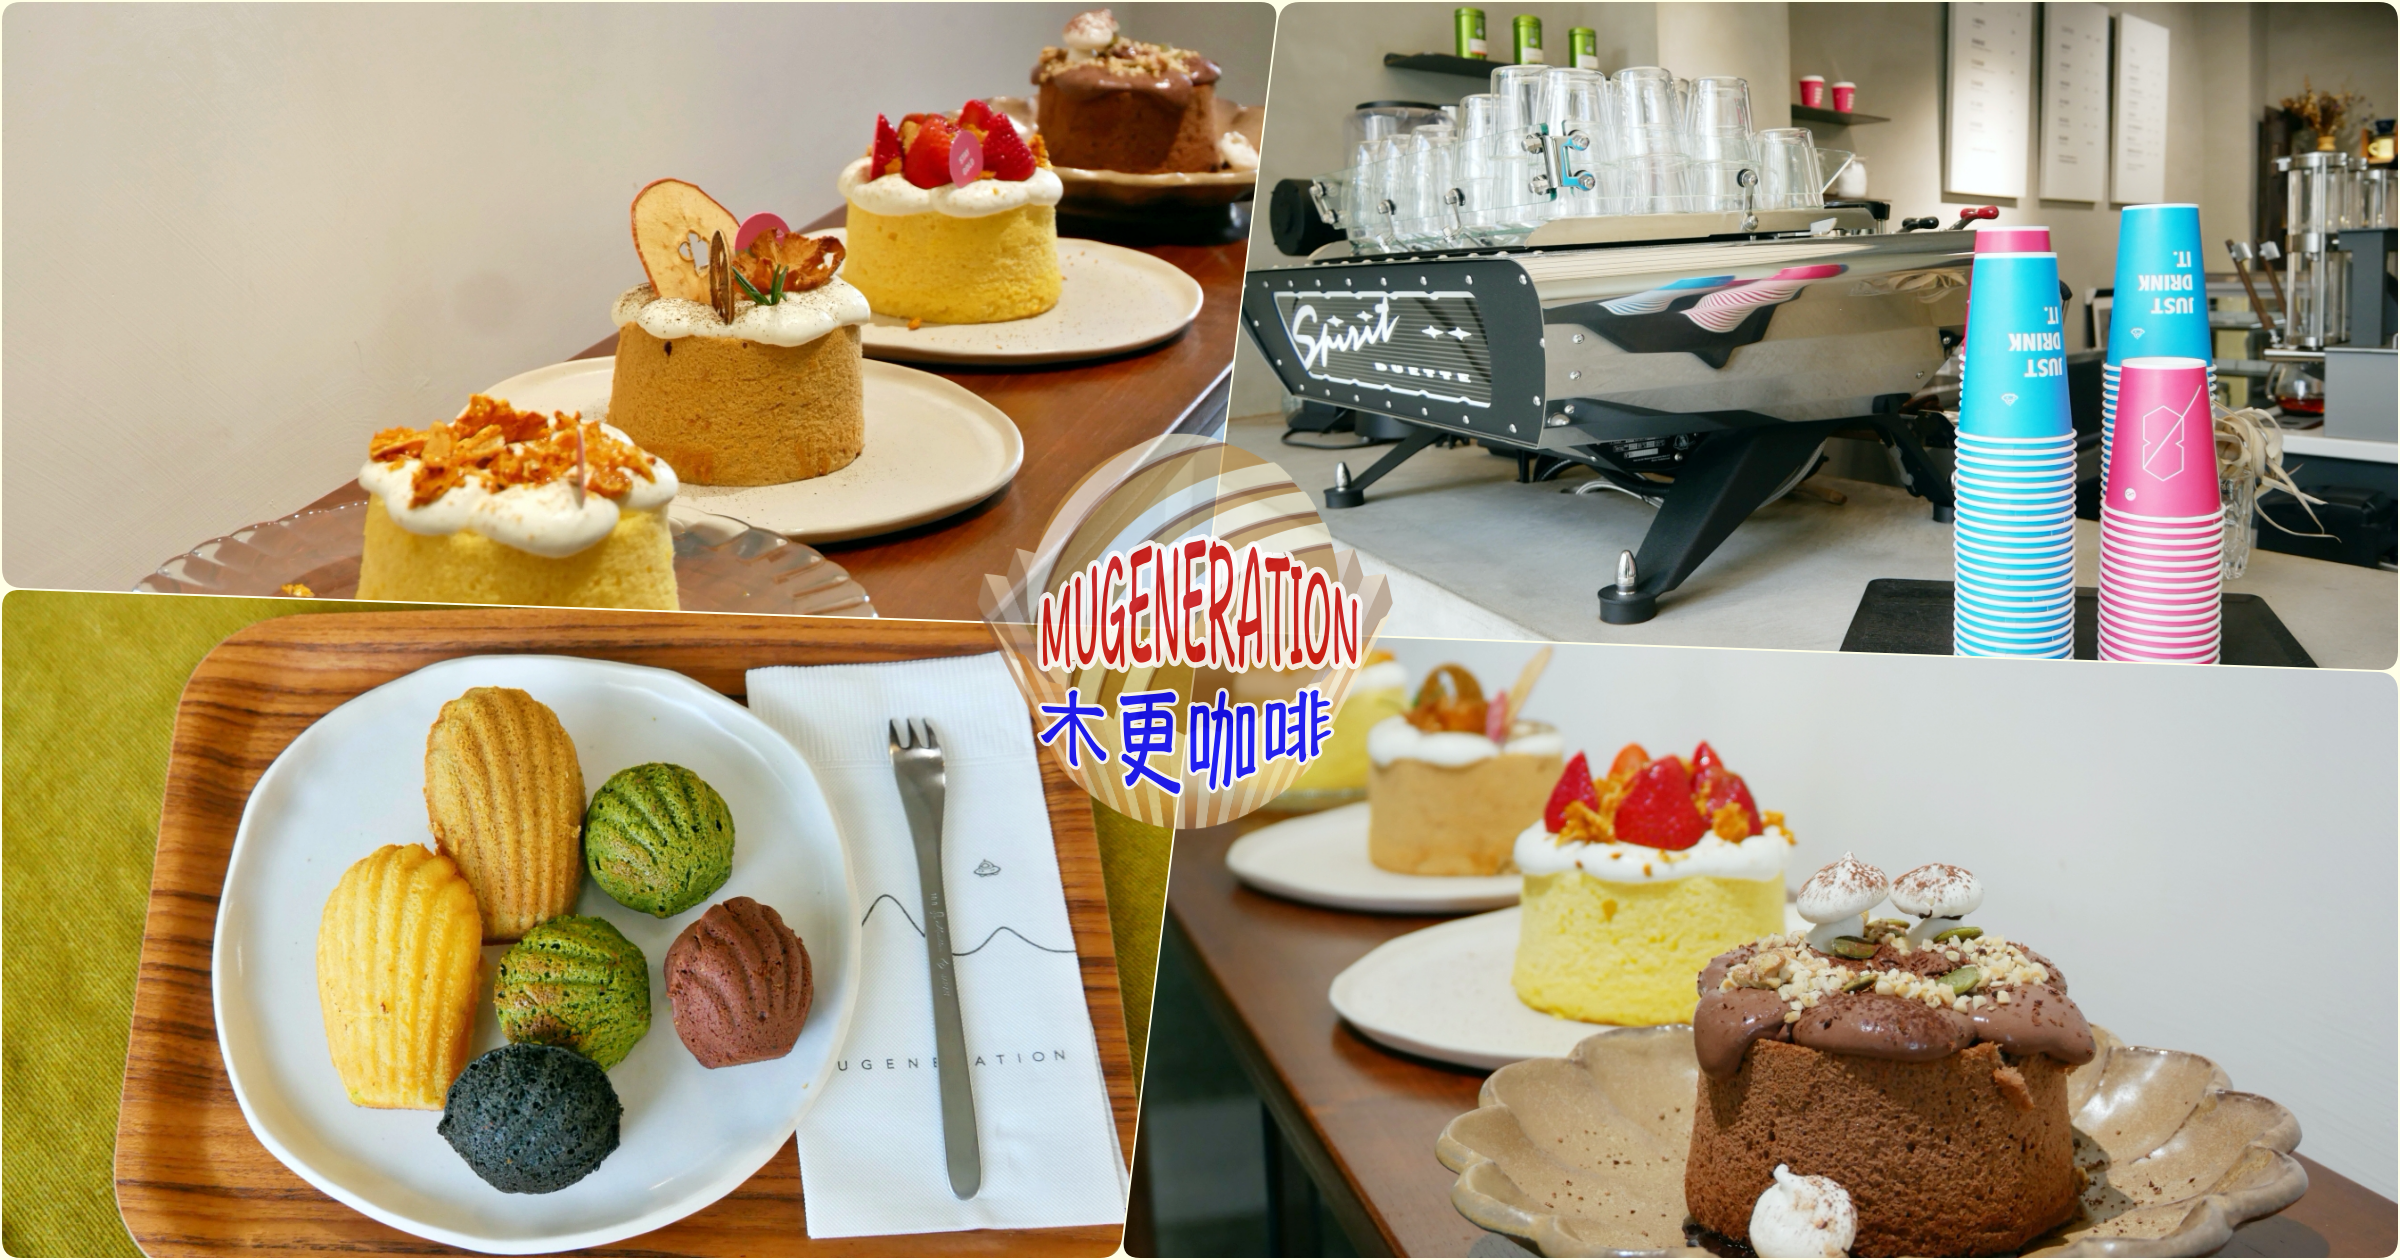 最新推播訊息:[嘉義美食]木更咖啡 MUGENERATION|復古工業風格座位多~自製戚風蛋糕甜點.飄著咖啡香